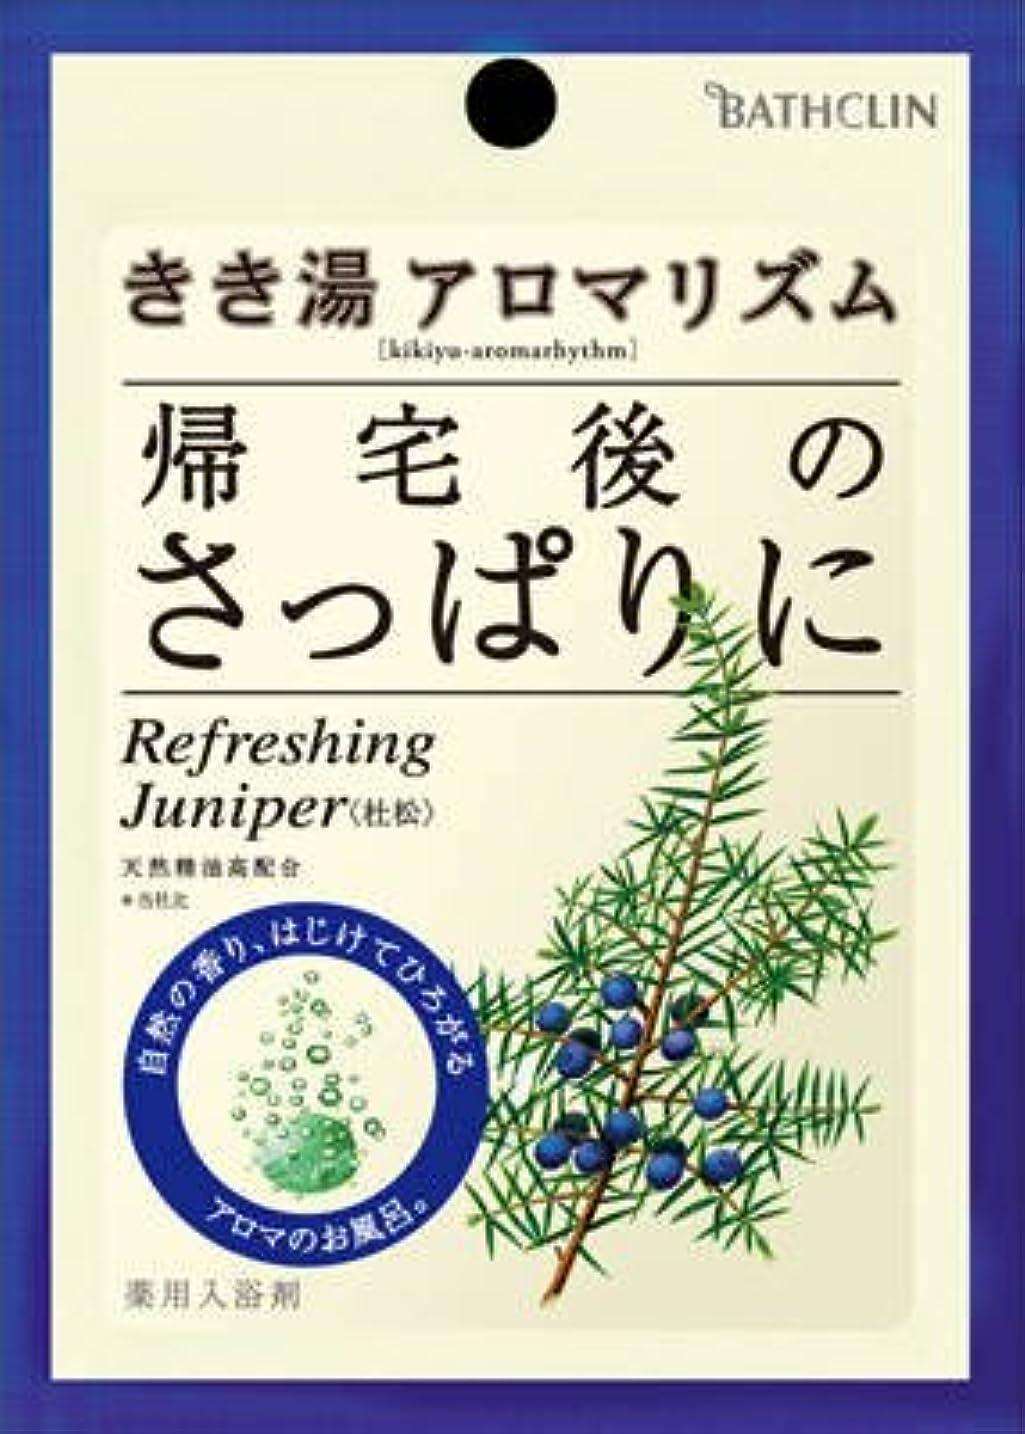 赤外線悲しい二週間バスクリン きき湯 アロマリズム リフレッシュジュニパーの香り 30g×120個セット